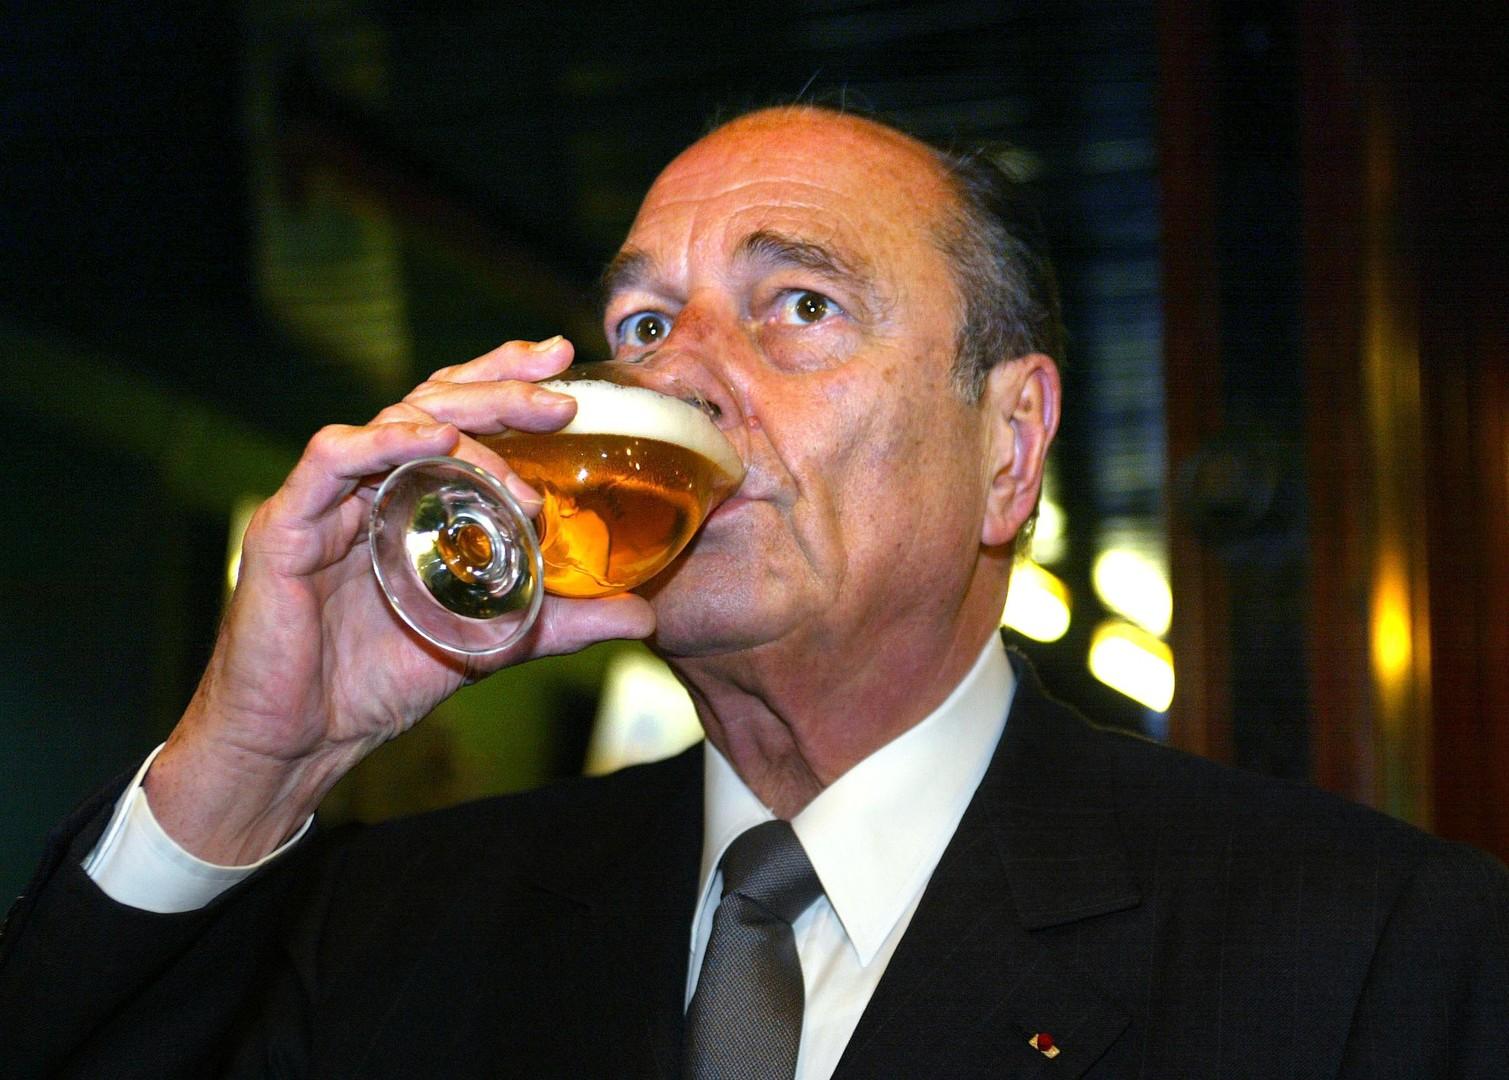 Jacques Chirac en dix phrases cultes